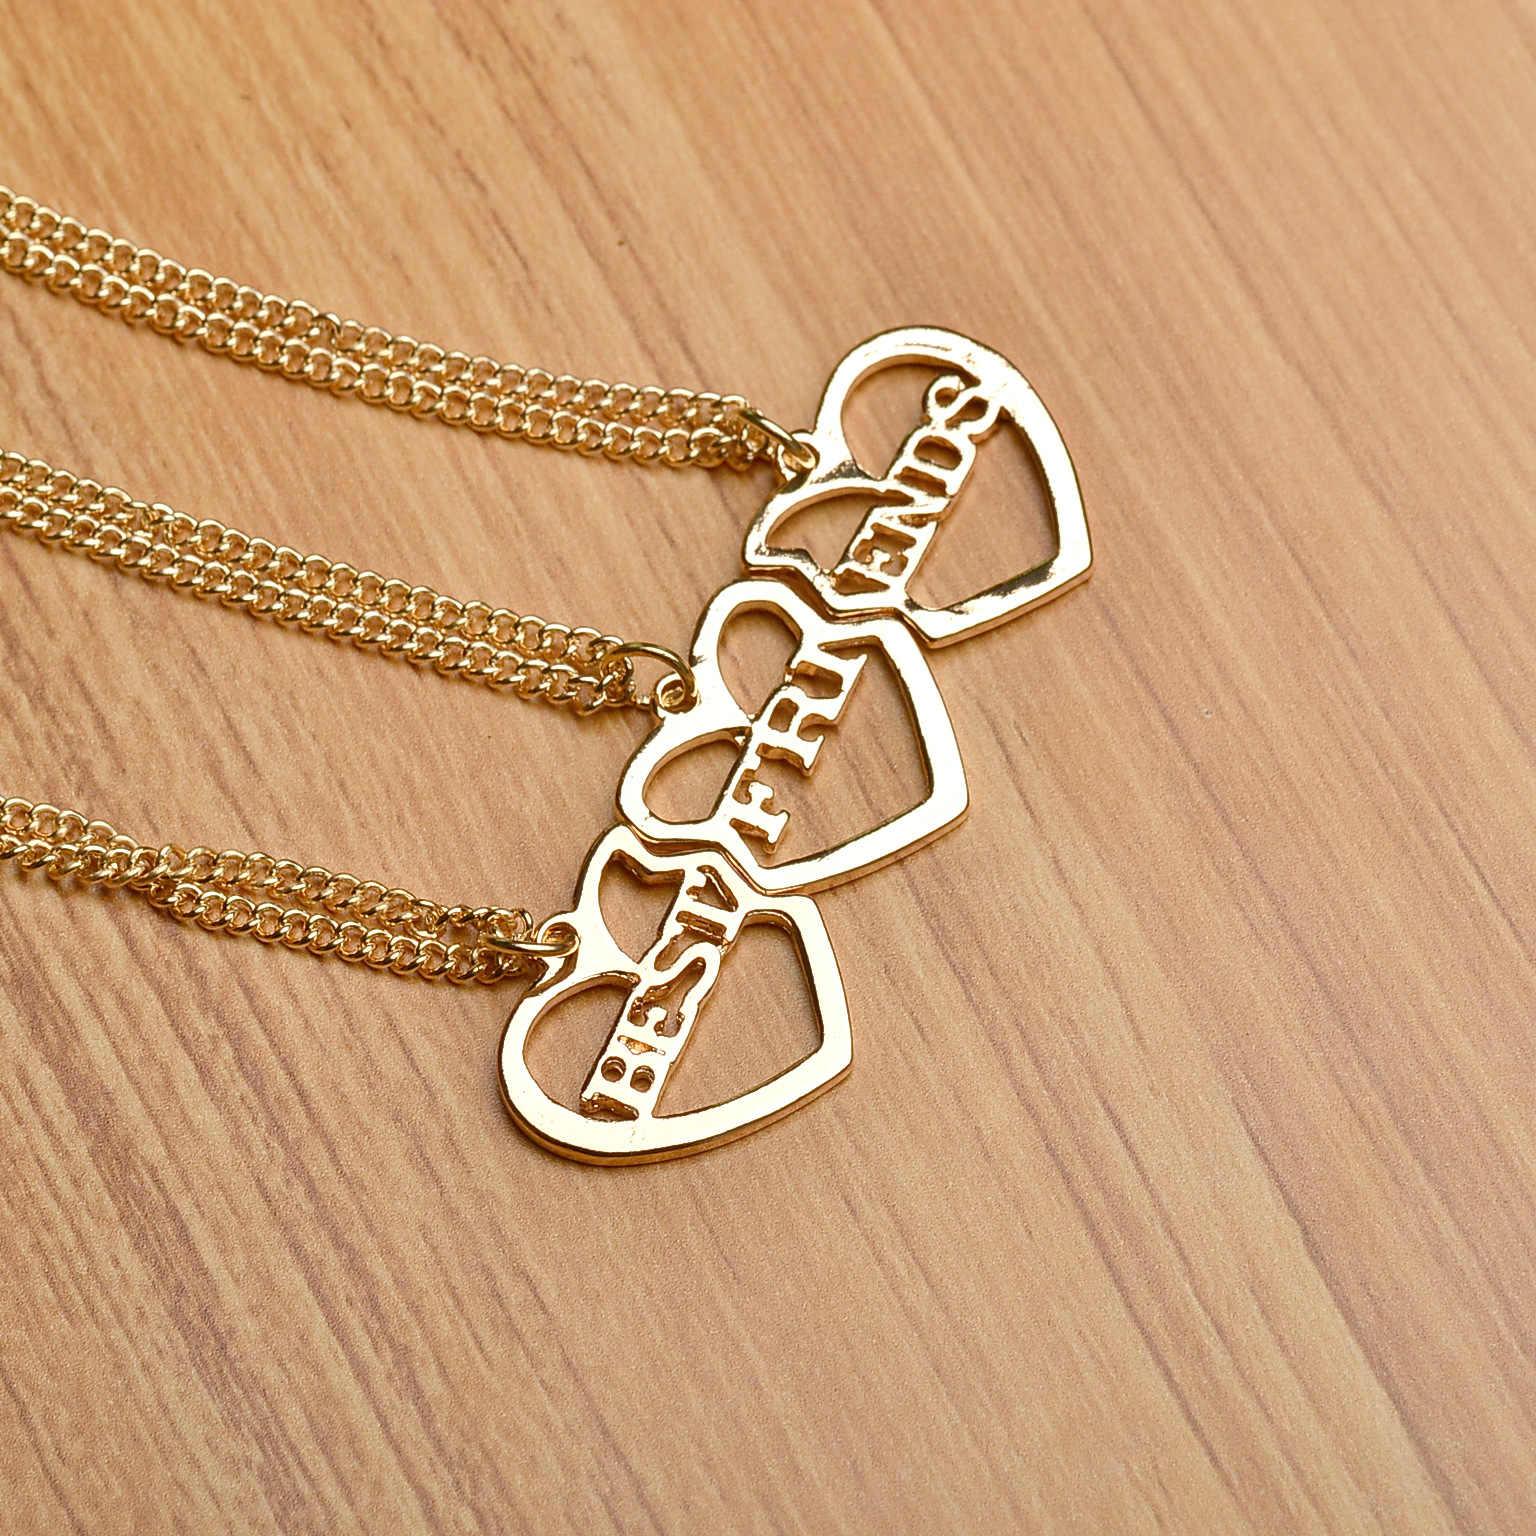 Lureme الذهب زرع القلب 3 أجزاء أفضل أصدقاء للأبد BFF قلادة قلادة قلادة للنساء فتاة شحن مجاني (nl004222)